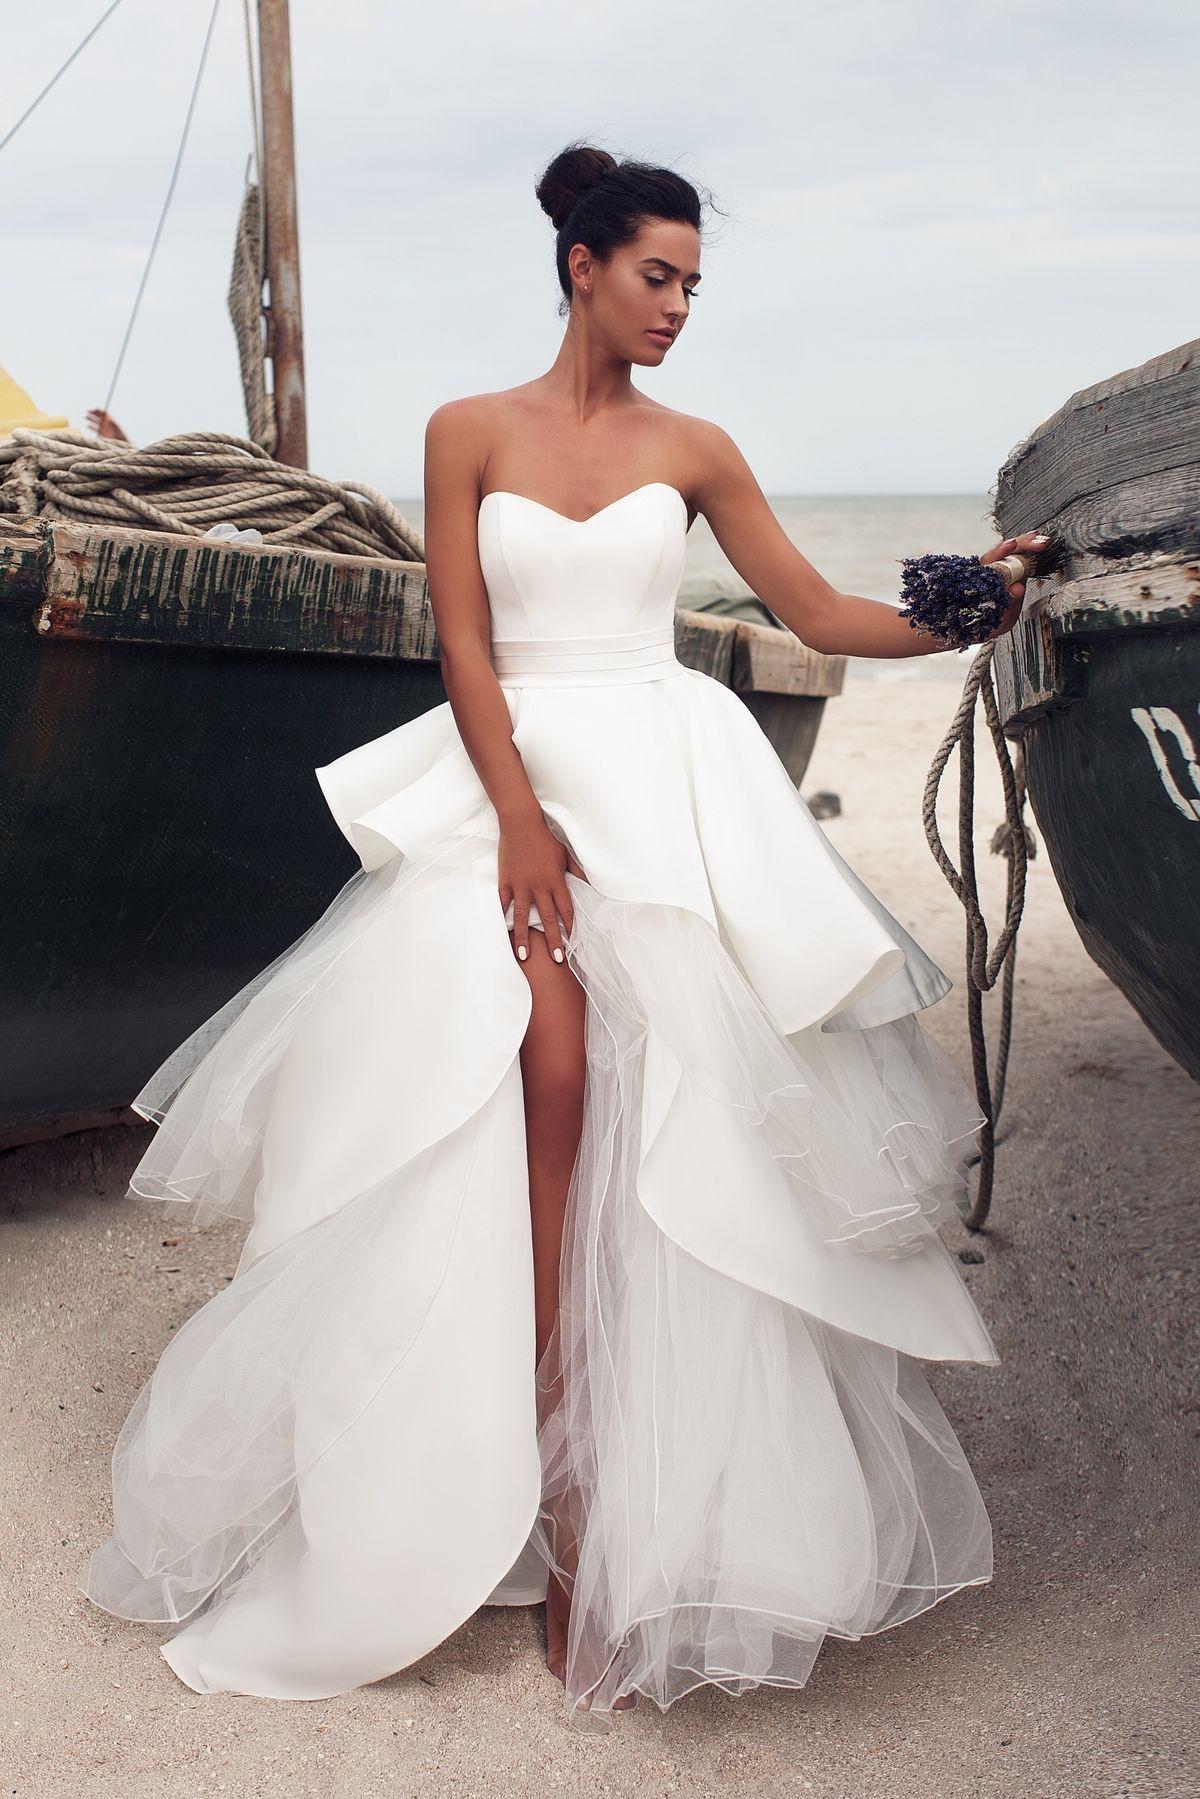 816af40e1d02b2 Свадебное платье-трансформер 2017 (56 фото): с отстегивающейся юбкой,  короткое,